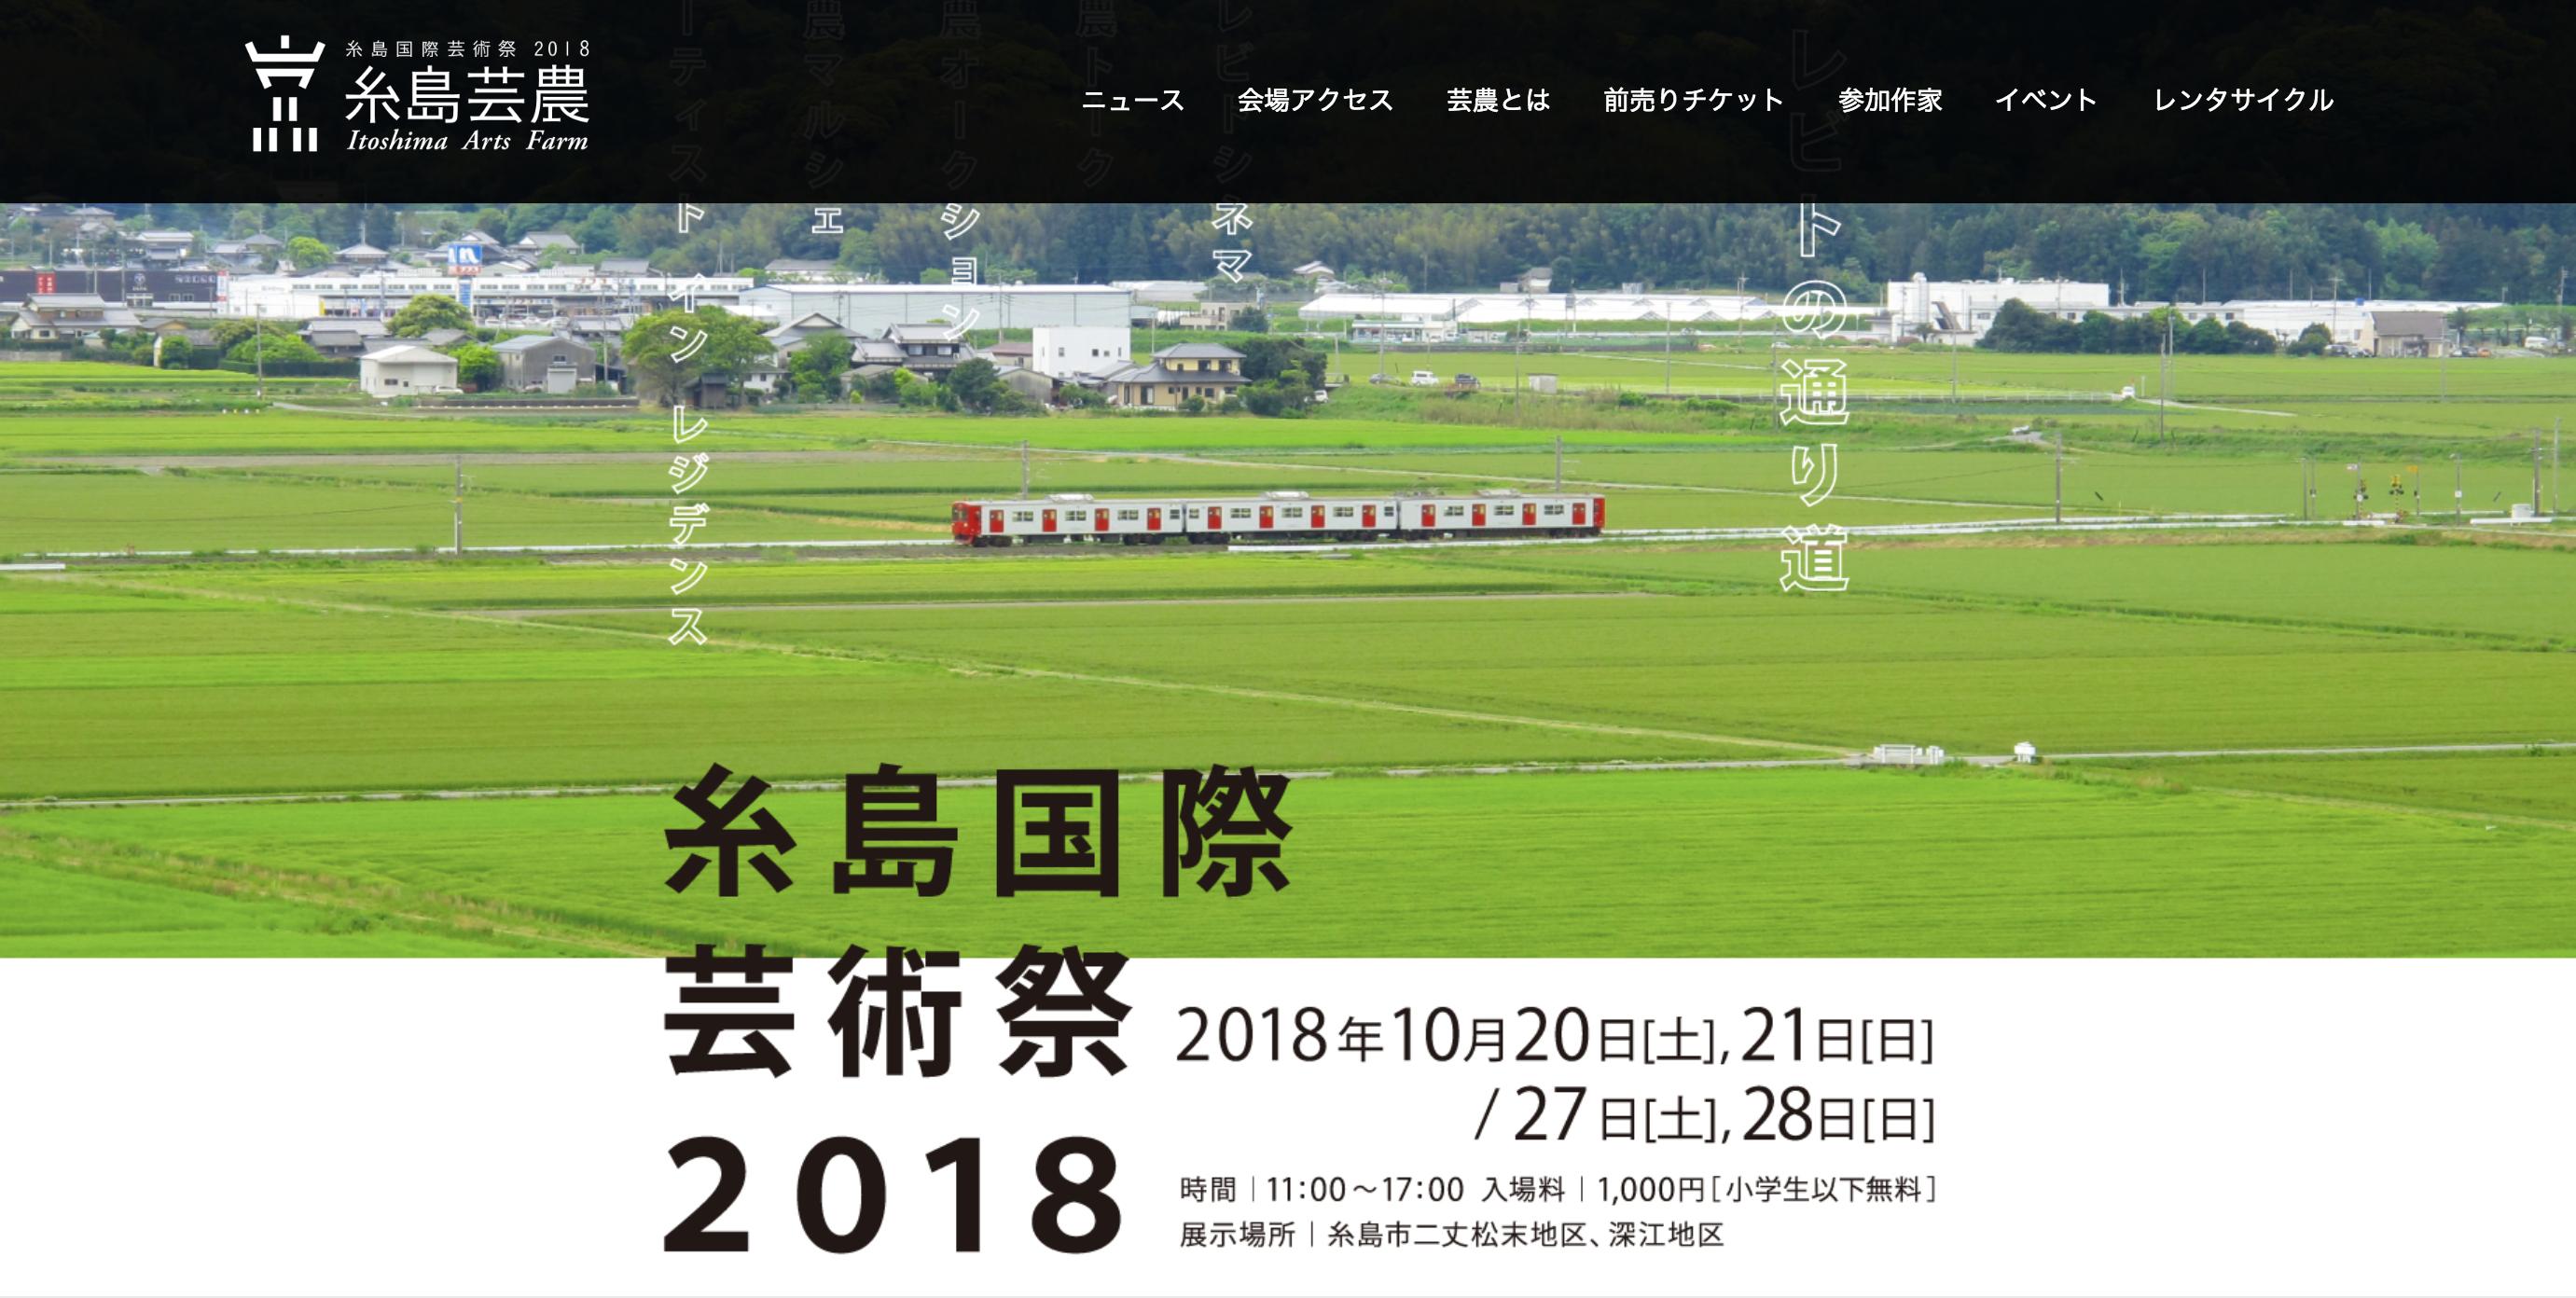 糸島芸農 - 糸島国際芸術祭2018